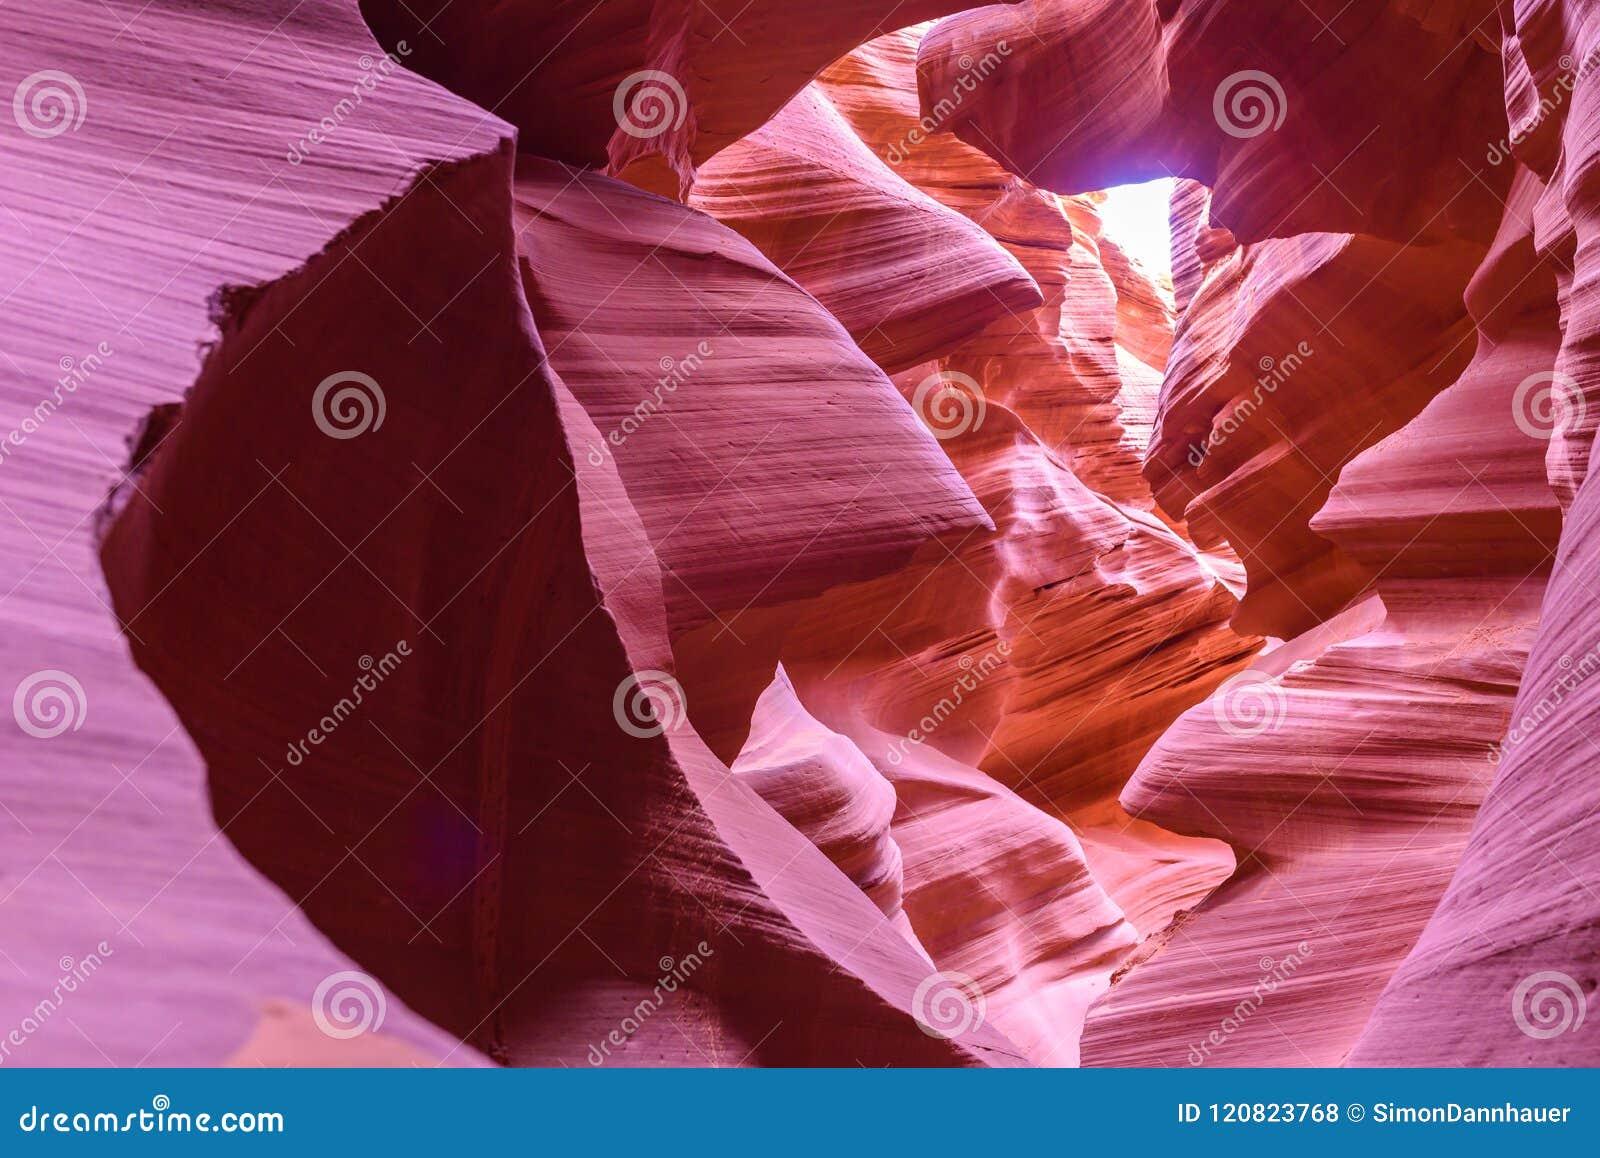 Каньон антилопы - расположенный на земле Навахо около страницы, Аризона, США - красивая покрашенная горная порода в каньоне шлица